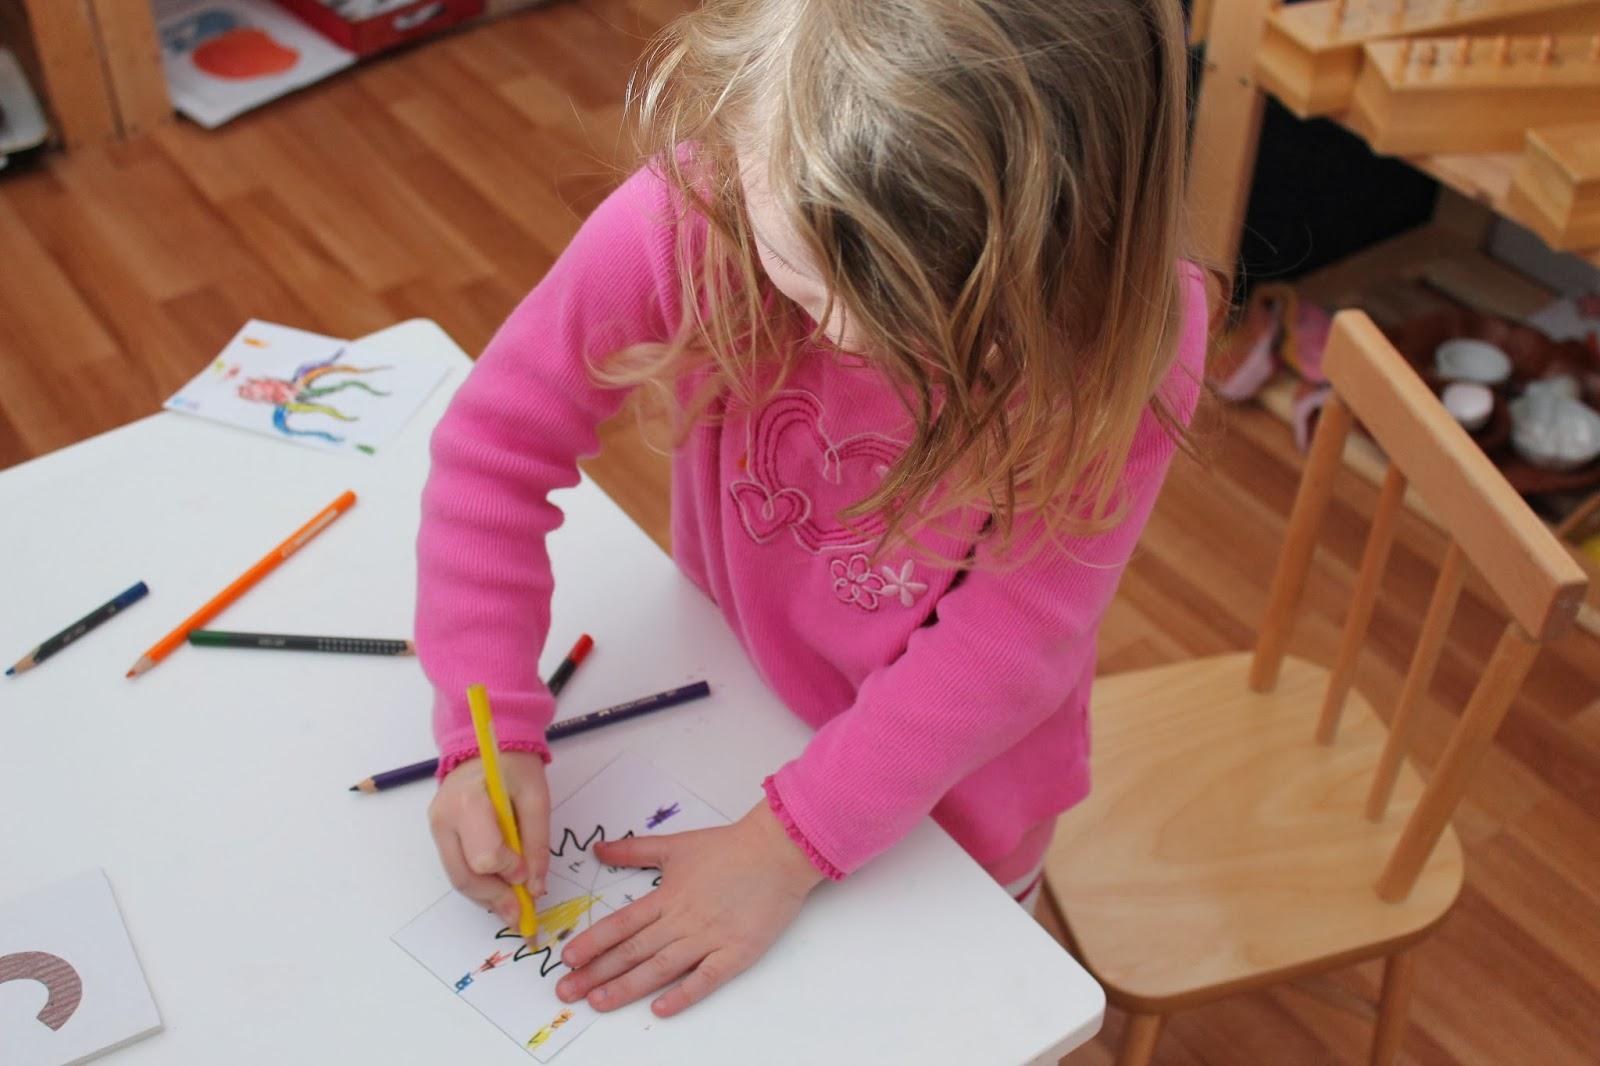 Cahier de coloriages avec des hamsters et des chiffres  - coloriage avec des chiffres